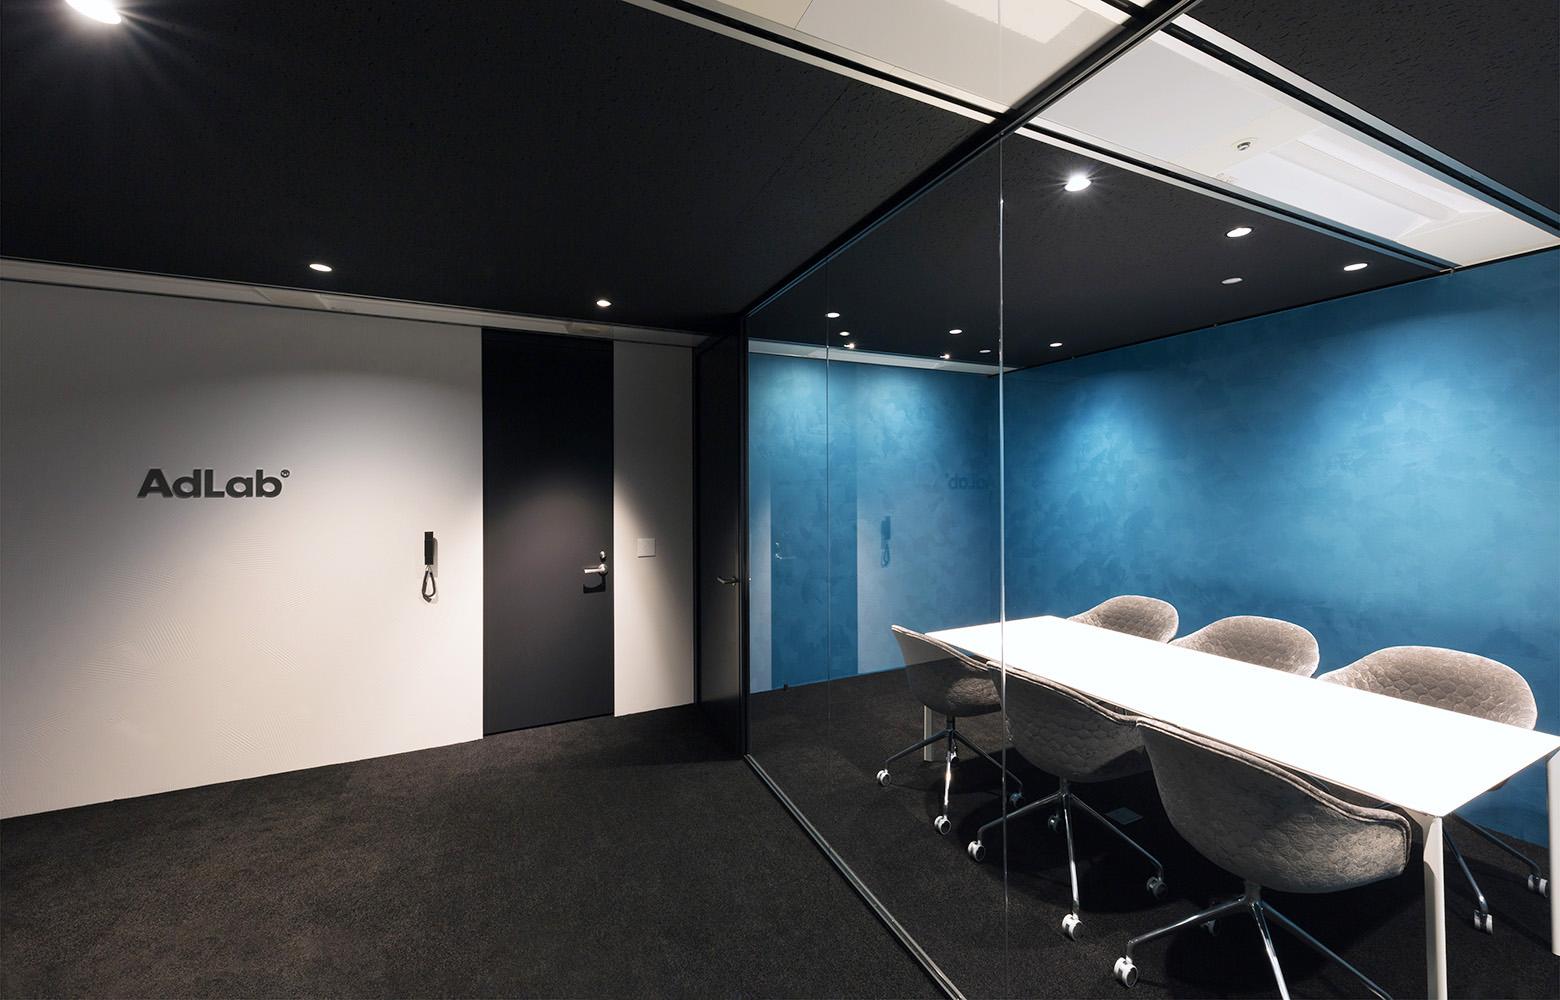 株式会社 AdLab Entrance_3 デザイン・レイアウト事例